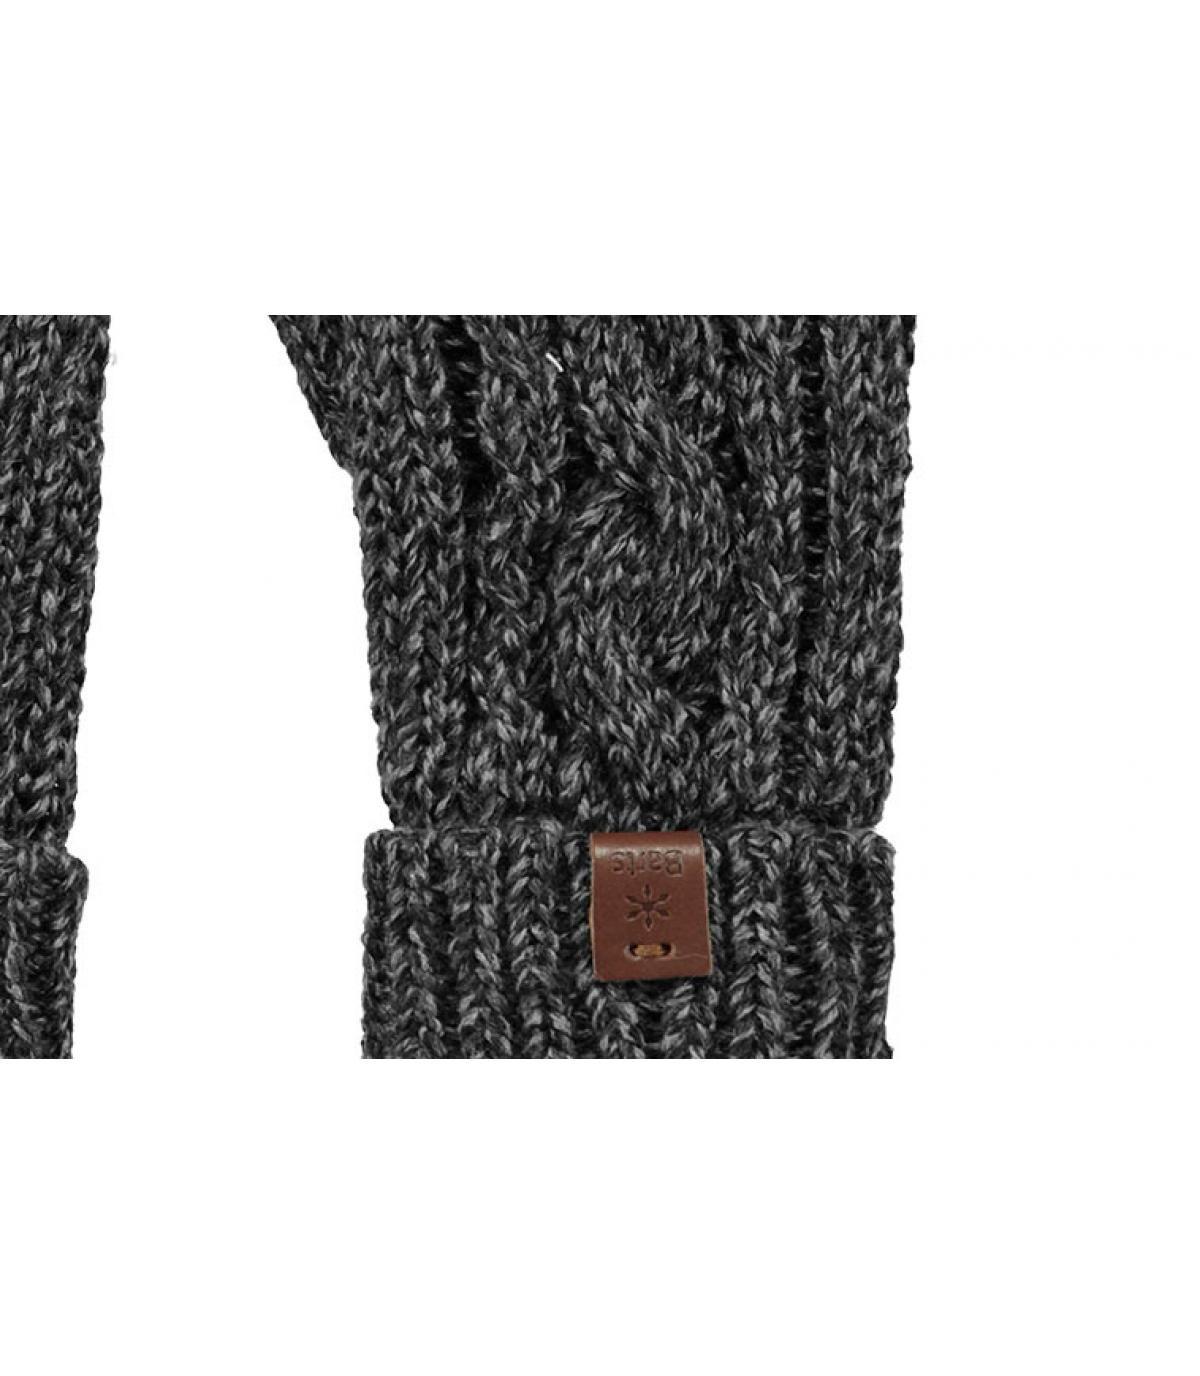 Details Twister Gloves black - afbeeling 3